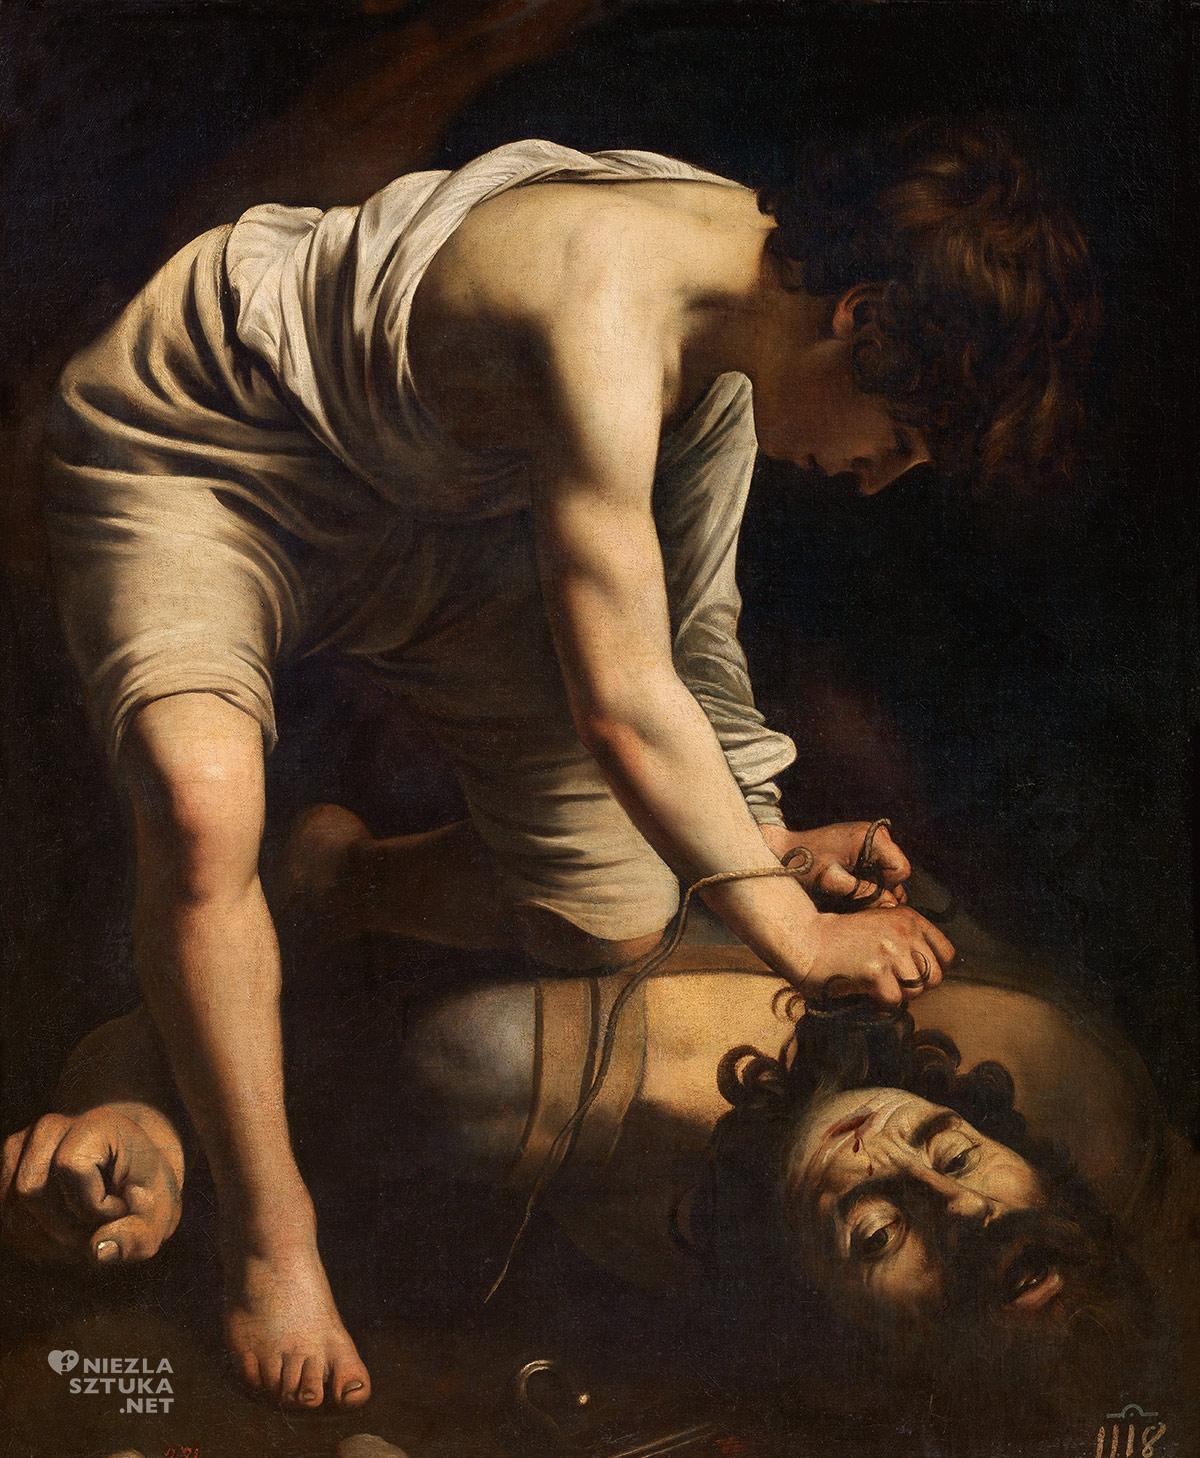 Caravaggio, Dawid z głową Goliata, barok, malarstwo europejskie, Prado, Niezła Sztuka